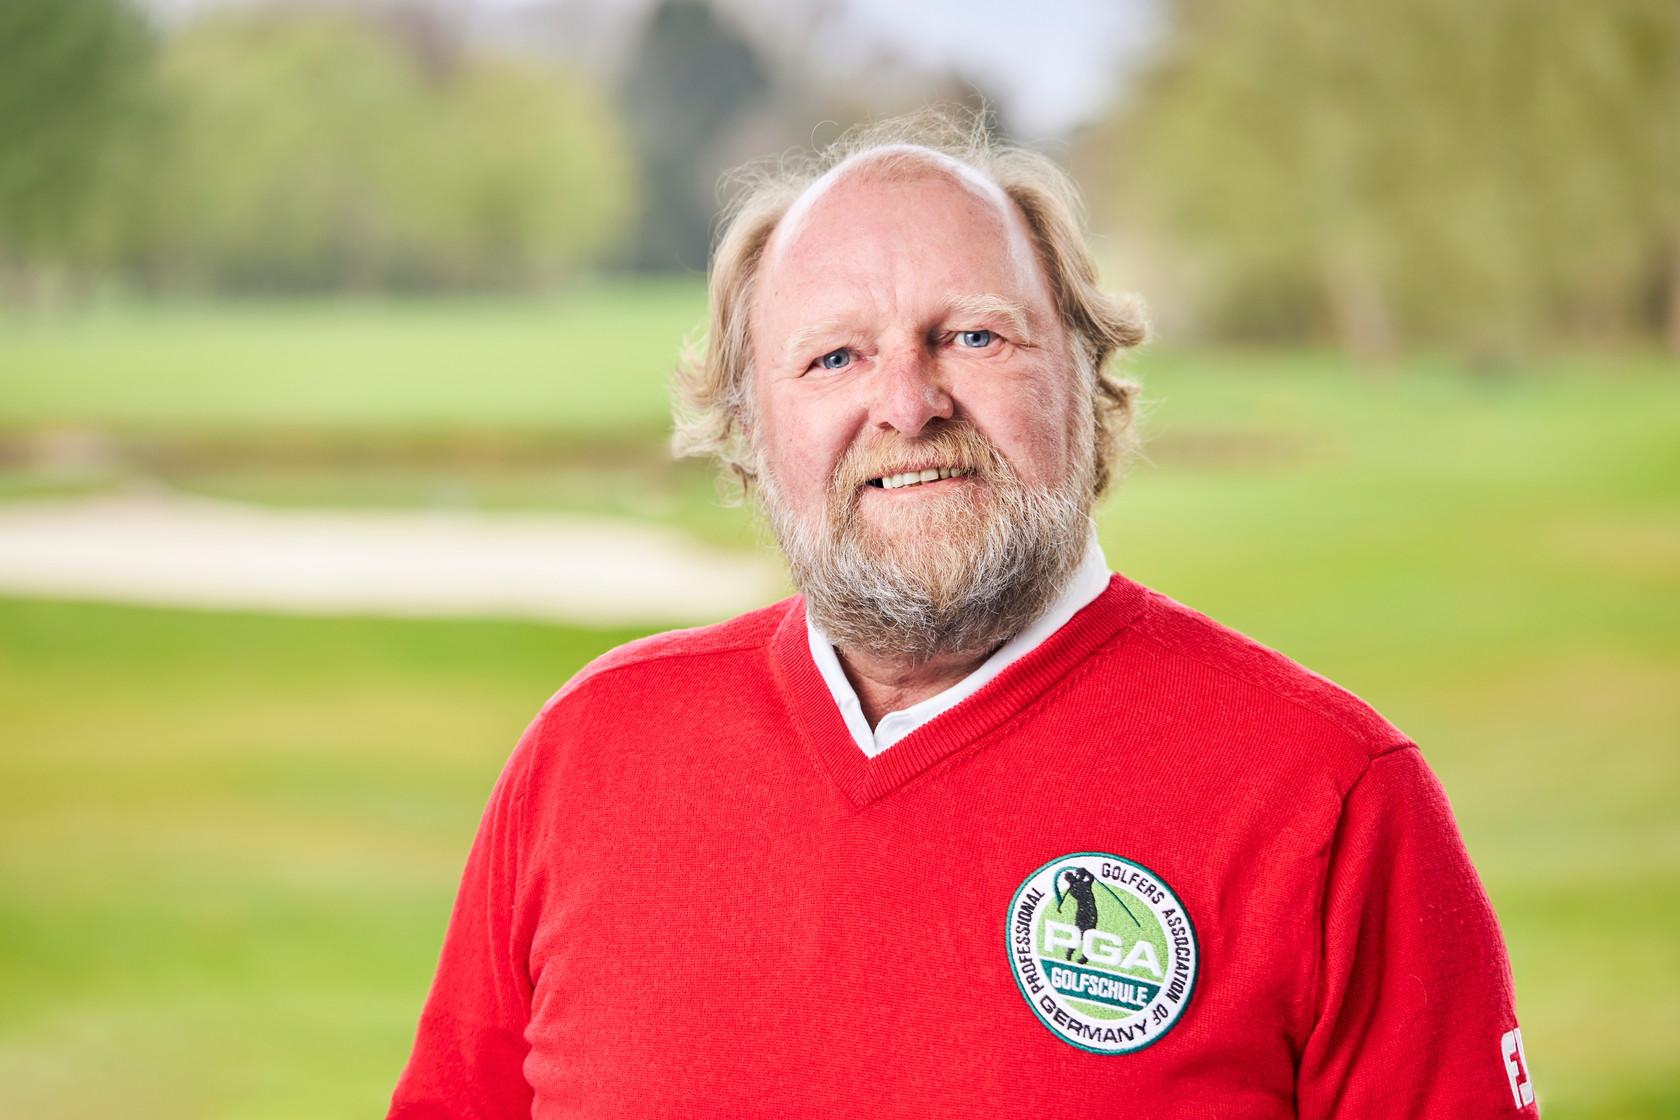 Dirk Randolff